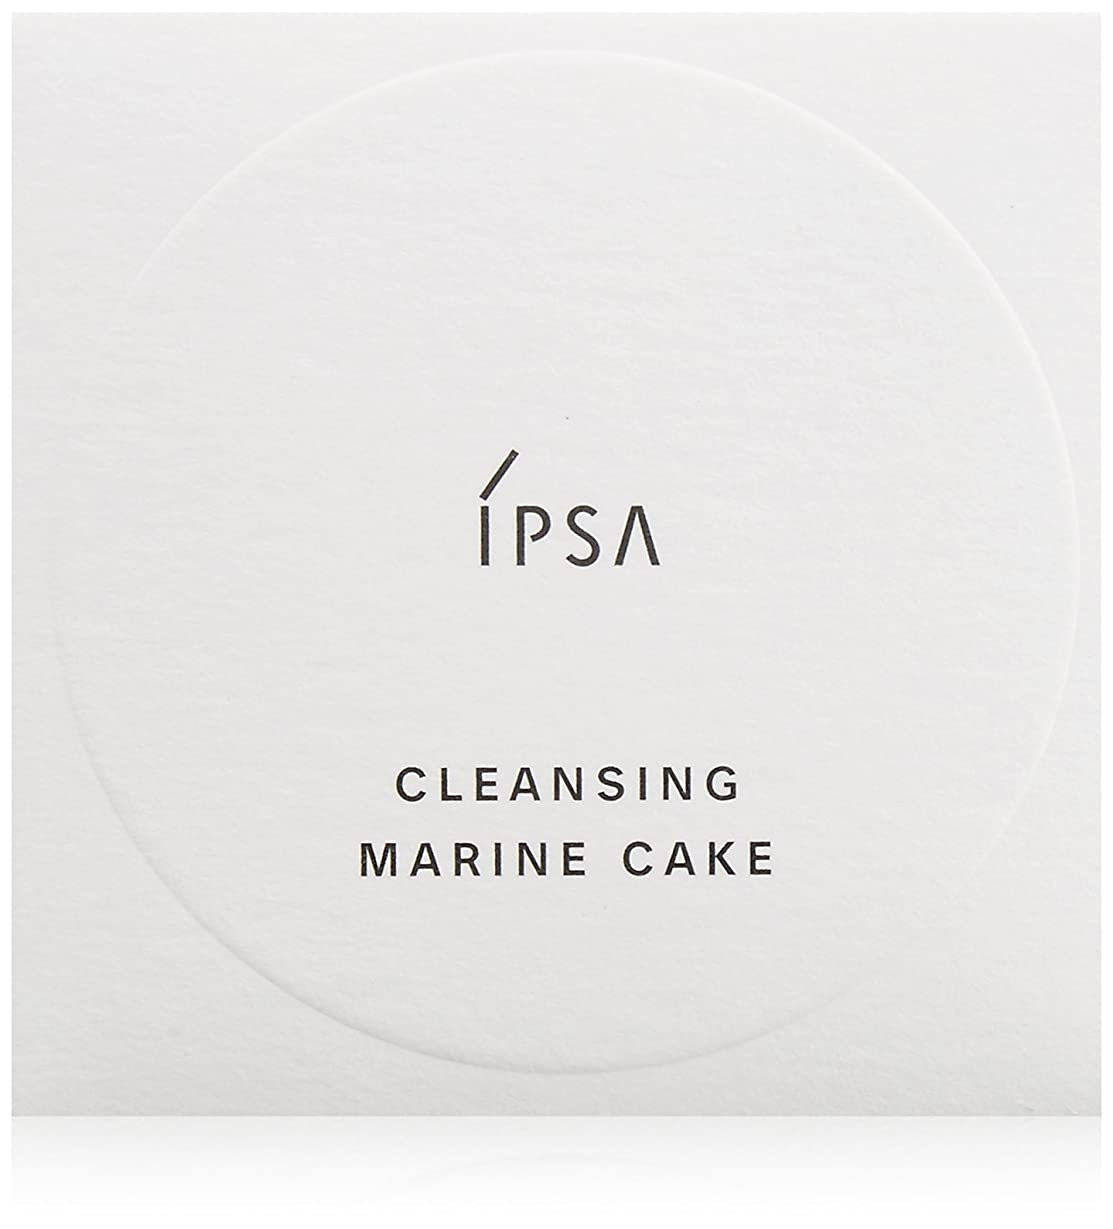 休日応答削減イプサ(IPSA) クレンジング マリンケイク